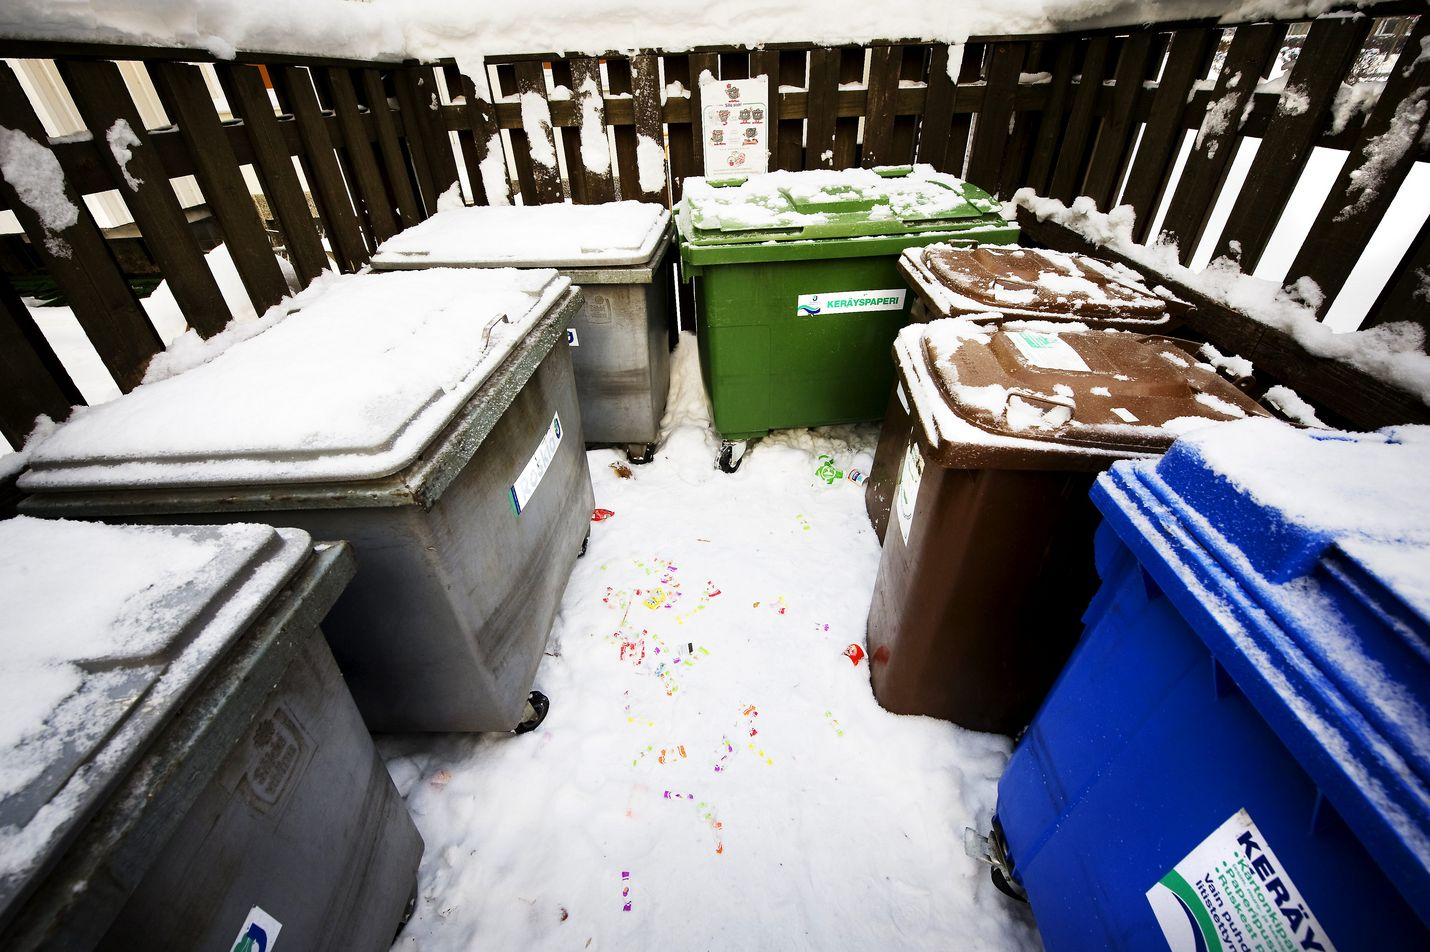 Jätehuoltomääräyksissä määritetään kunnan ja kiinteistön haltijan velvollisuudet. Pakollinen liittyminen maksullisen jätehuoltopalvelun asiakkaaksi voi tulla yllätyksenä.